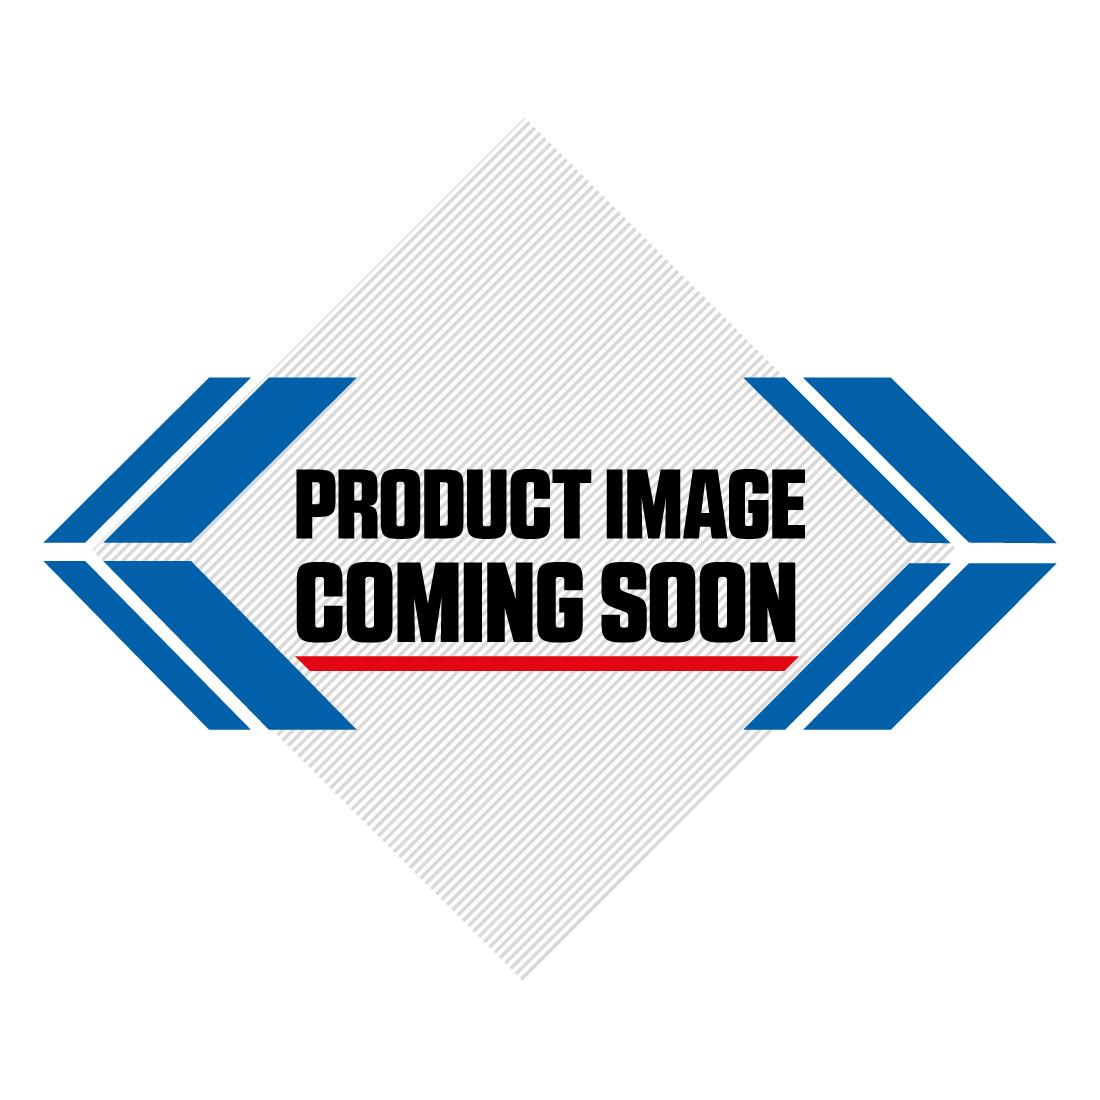 UFO KTM Plastic Kit SX 125 150 250 SXF 250 350 450 (16-18) Black Image-1>